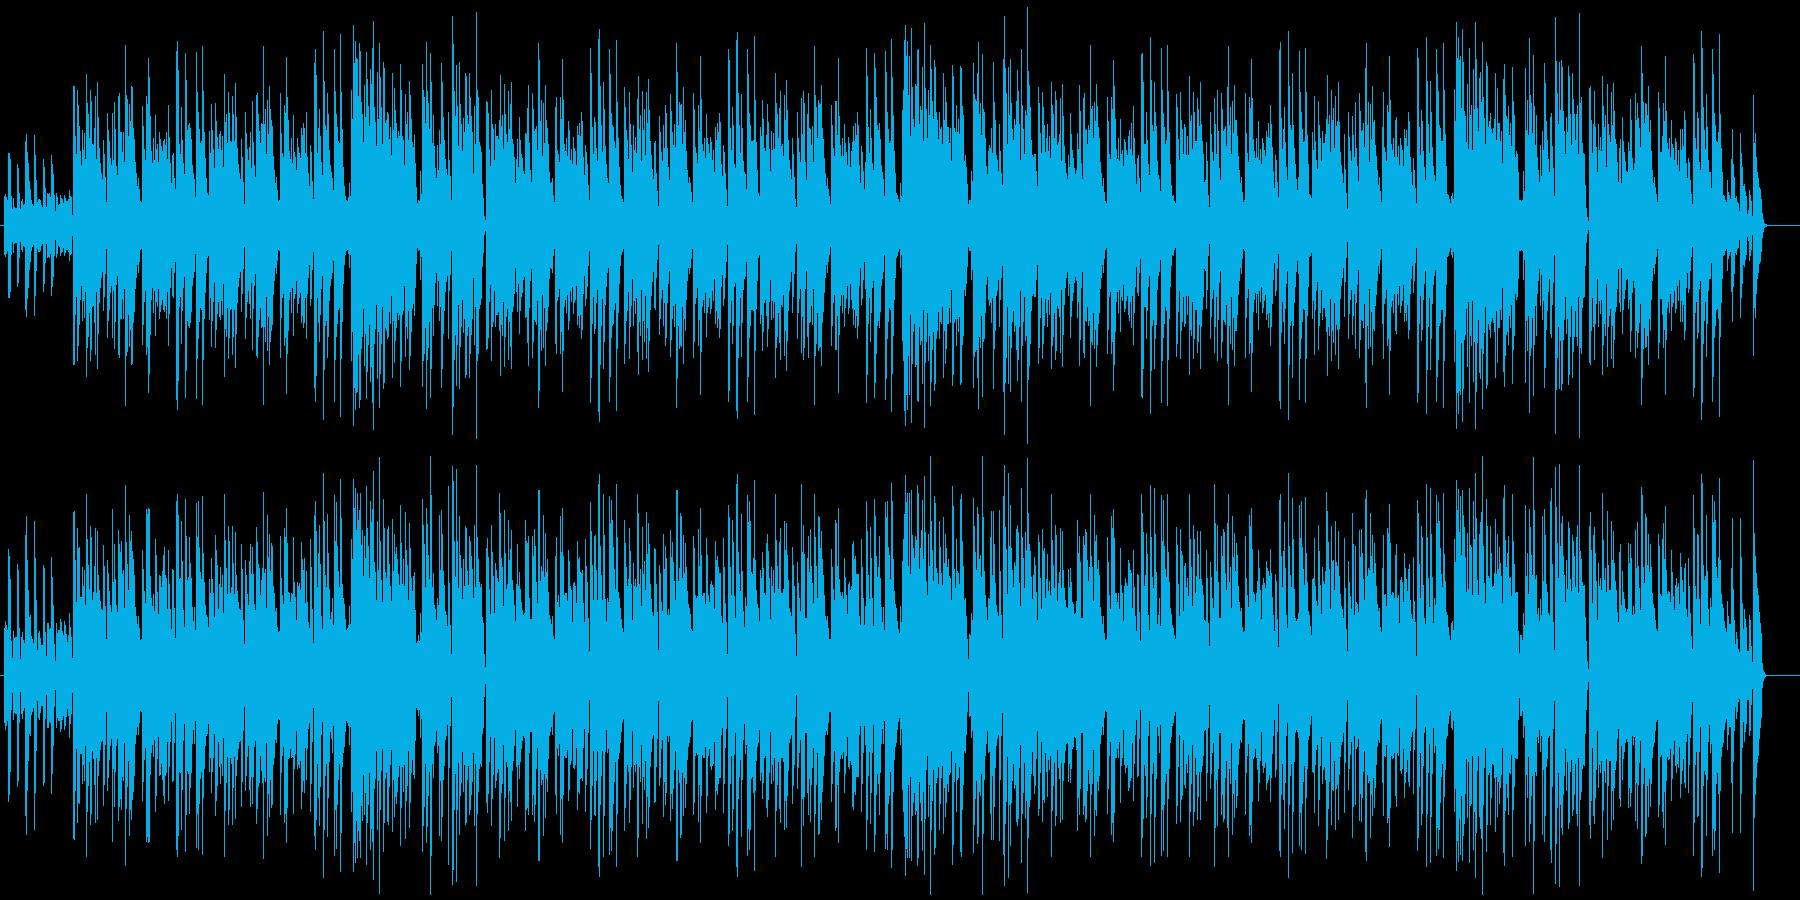 ピアノの明るいジャズミュージックの再生済みの波形